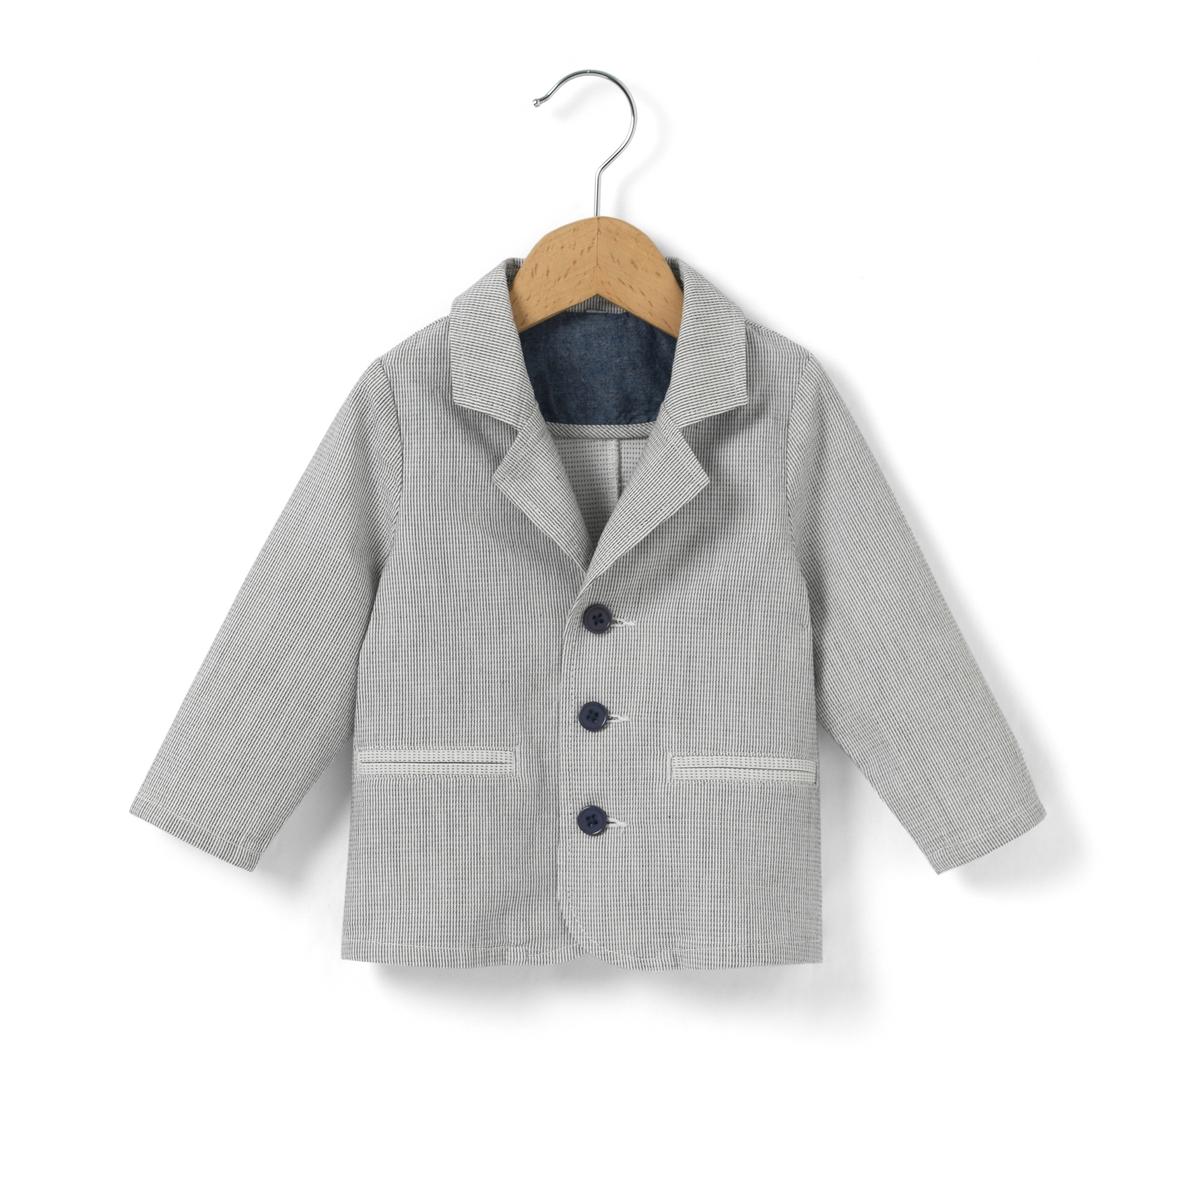 Куртка в полоску, 1 мес. - 3 годаКуртка в полоску. Застежка на 3 пуговицы. Карманы с отворотами. Состав и описаниеМатериал      100% хлопокМарка      R mini                 УходМашинная стирка при 30 °C с вещами схожих цветовСтирать и гладить с изнаночной стороныМашинная сушка запрещенаГладить при умеренной температуре<br><br>Цвет: в полоску<br>Размер: 2 года - 86 см.18 мес. - 81 см.1 год - 74 см.9 мес. - 71 см.6 мес. - 67 см.3 мес. - 60 см.1 мес. - 54 см